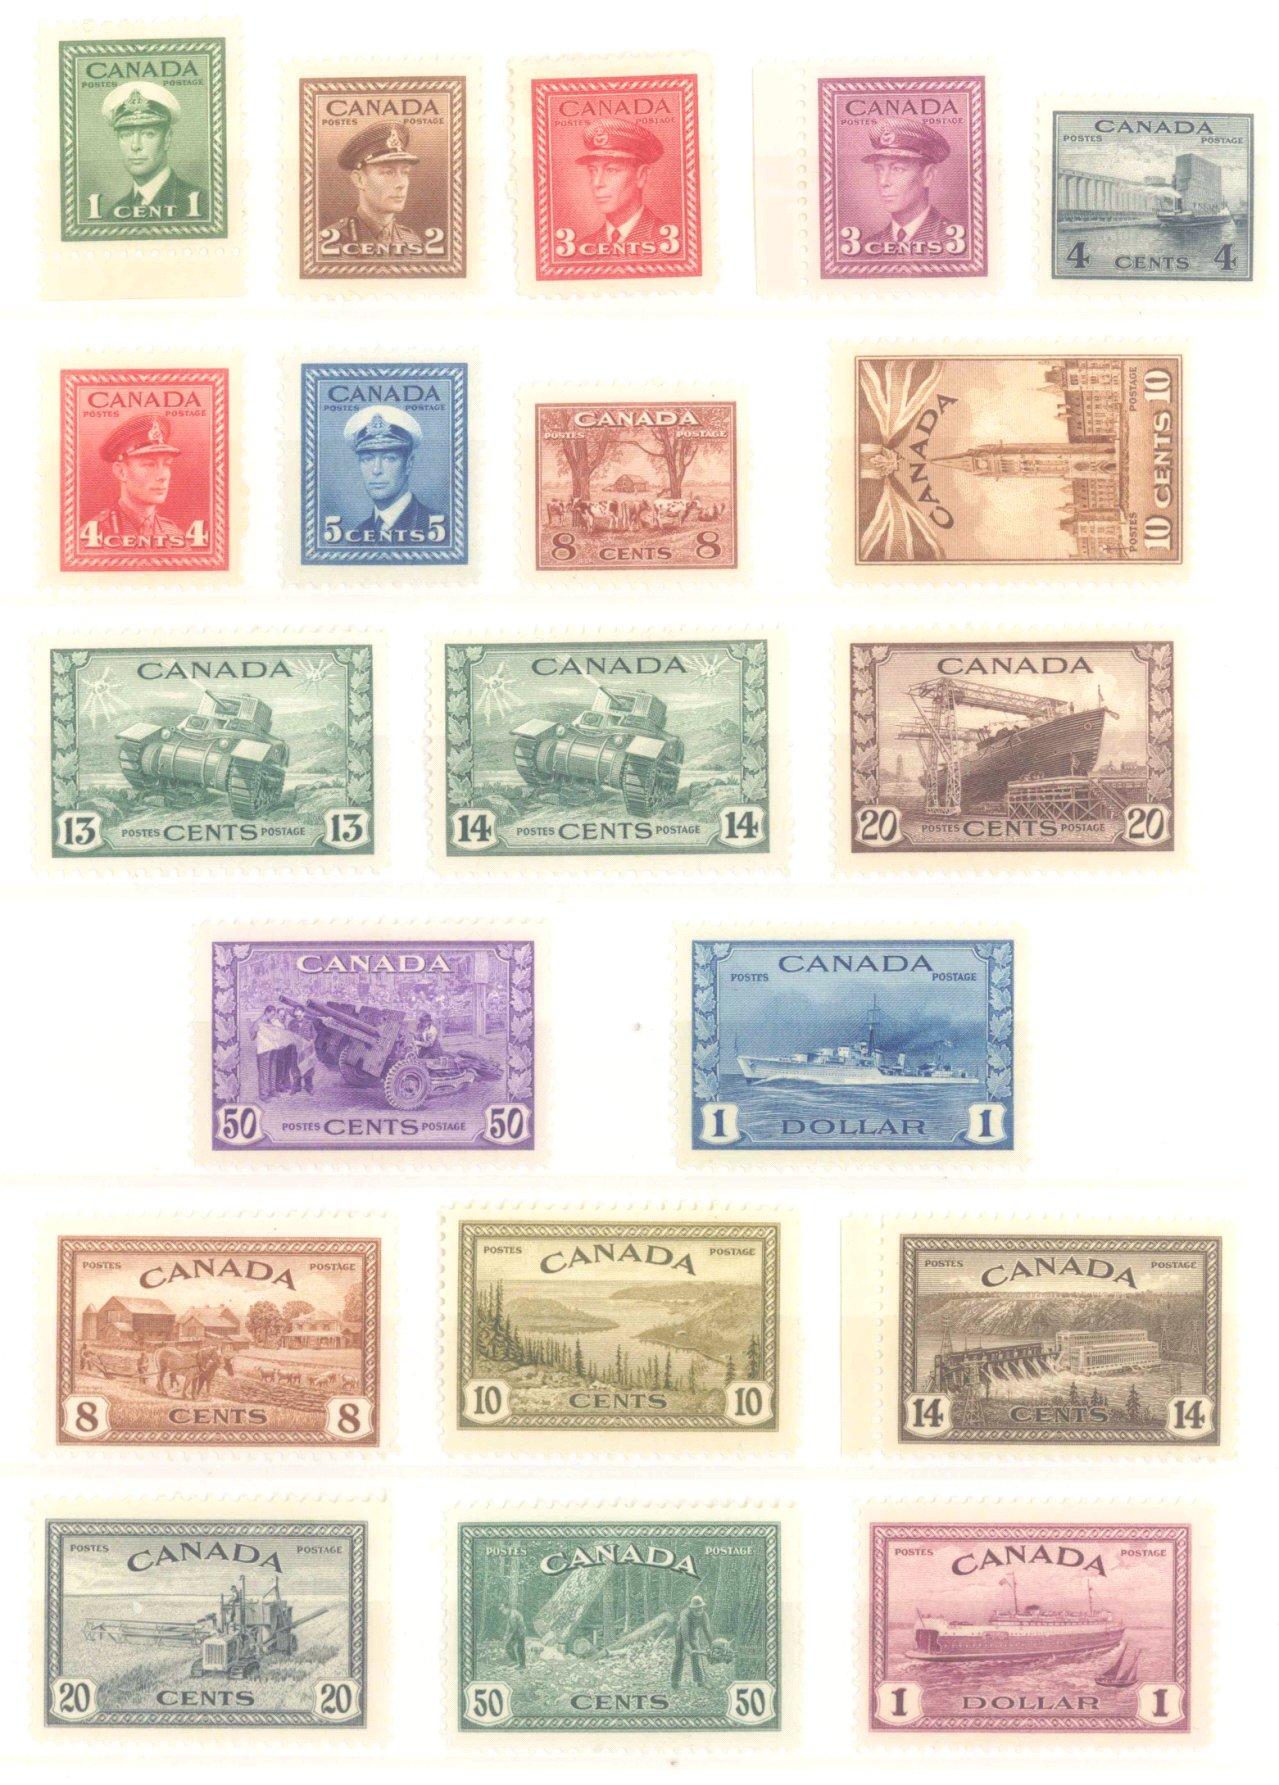 CANADA 1942-1949